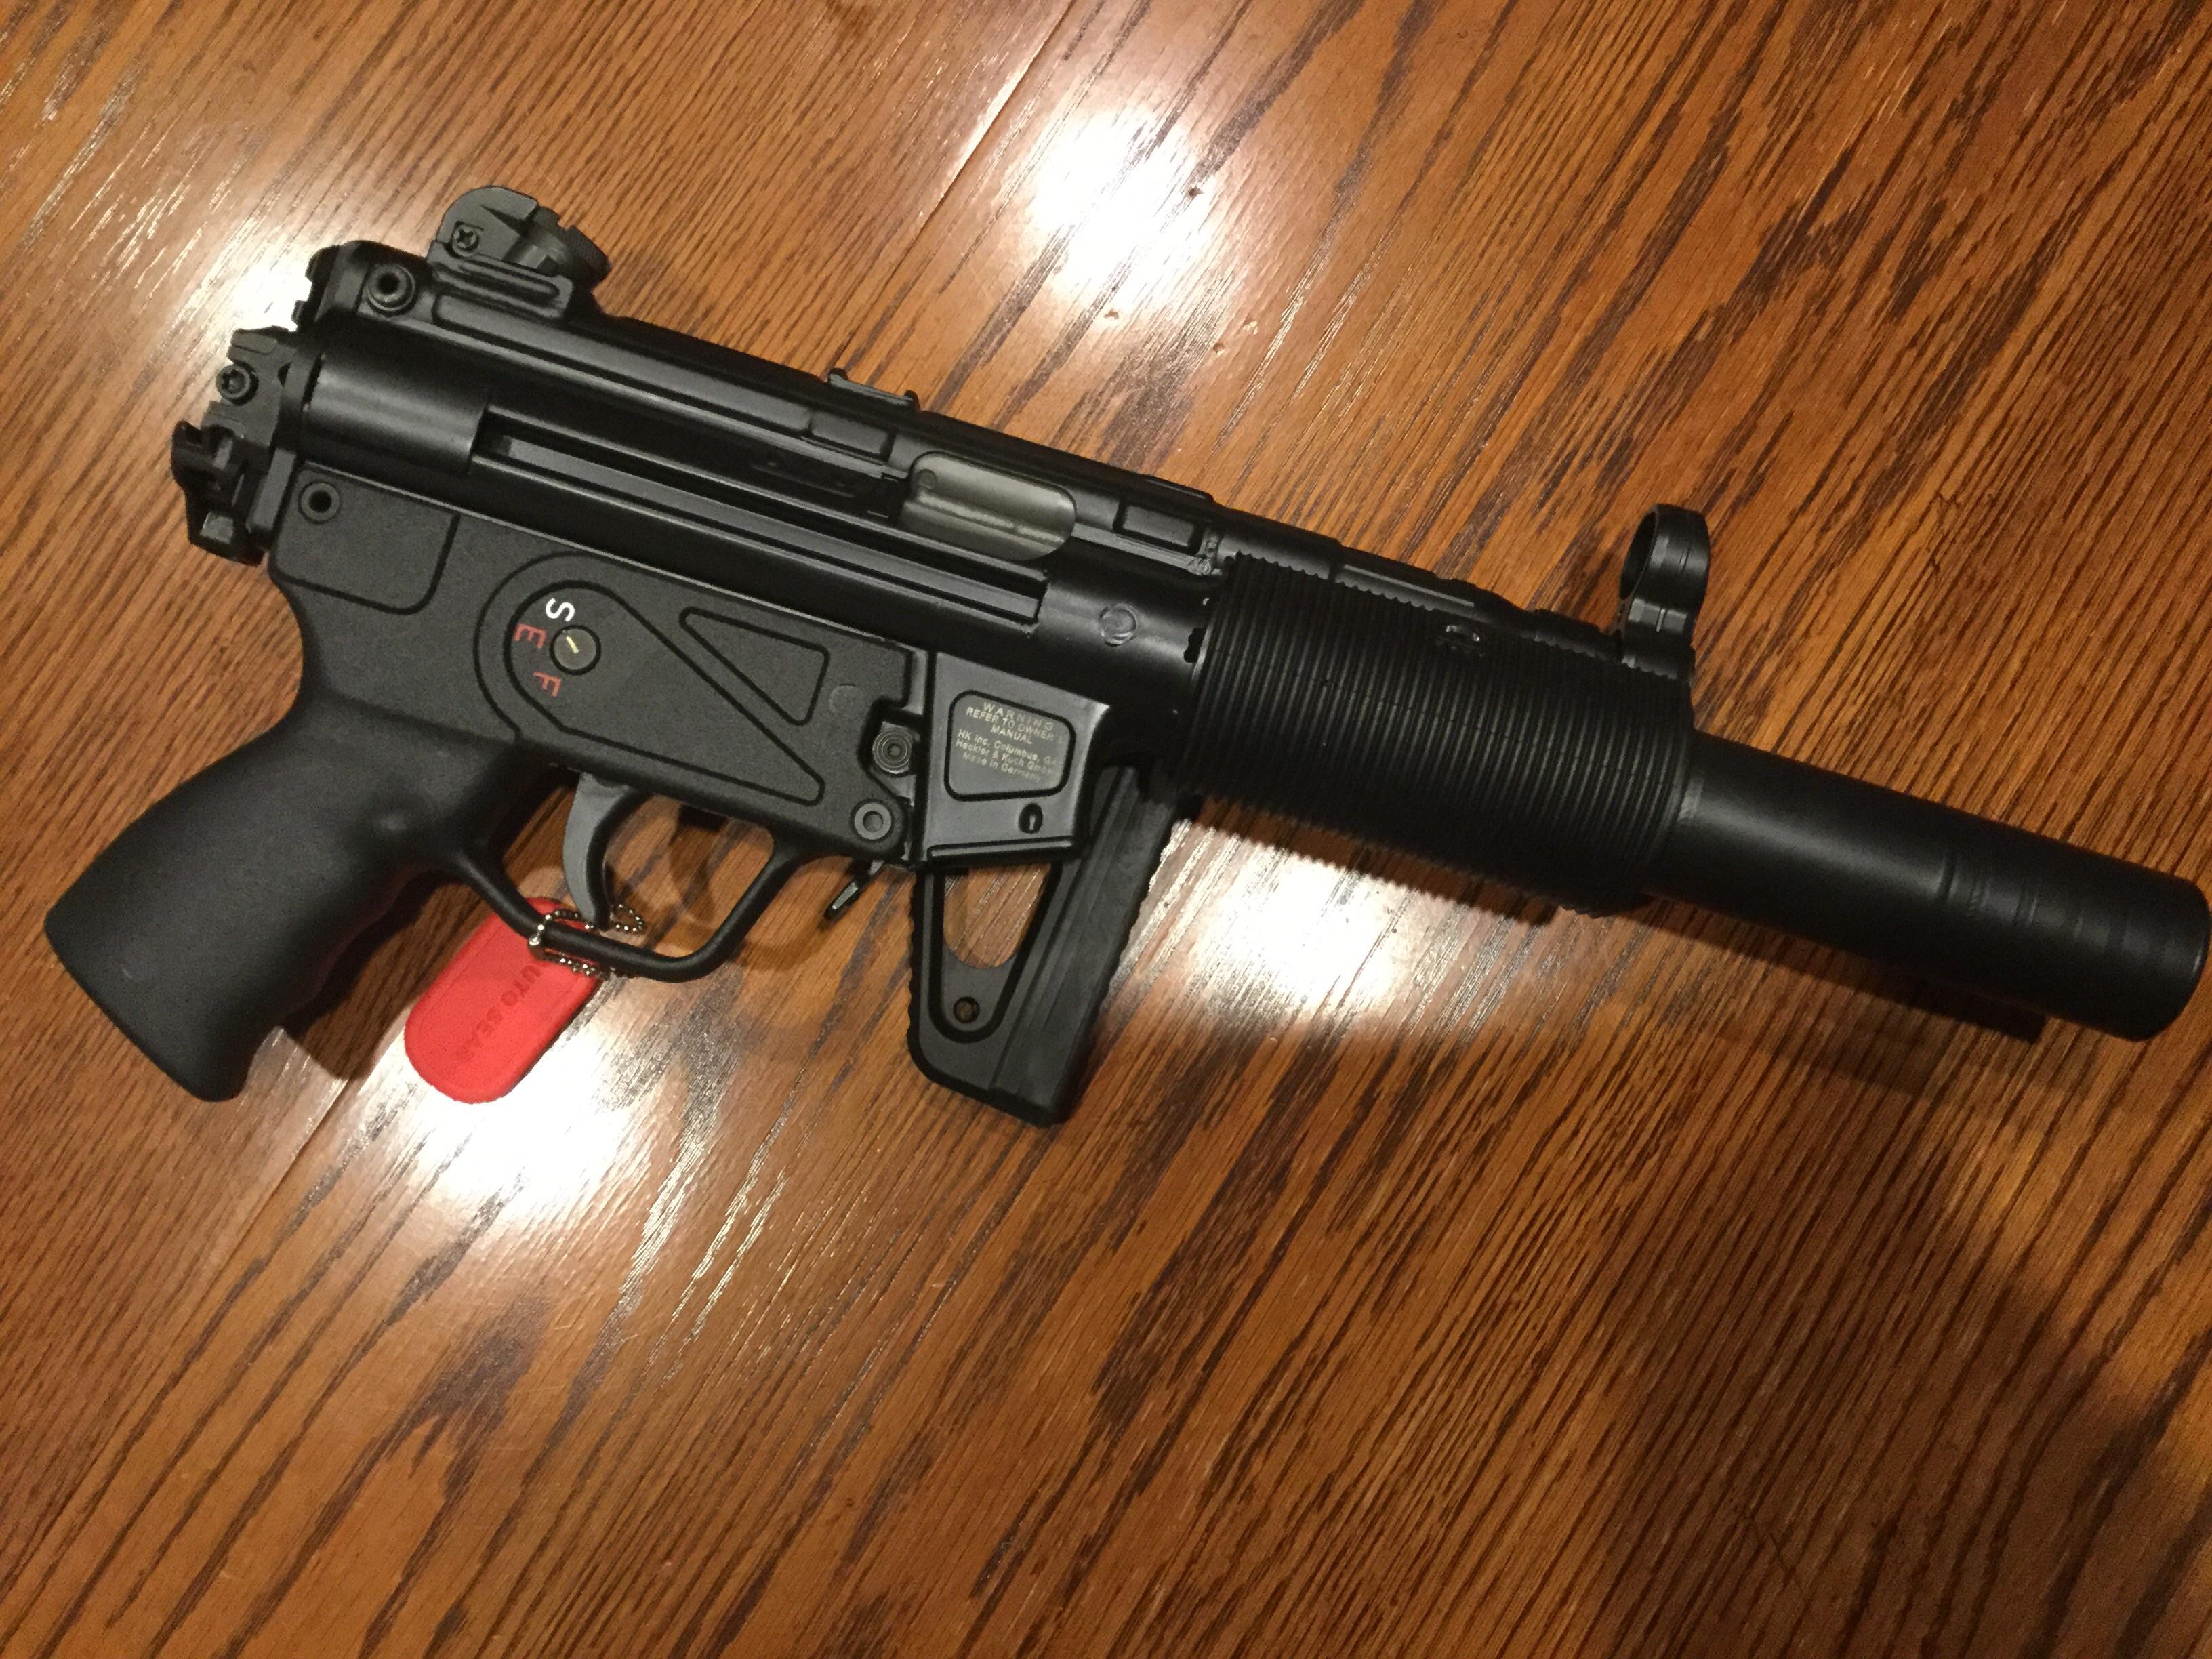 HK SP5K to MP5KSD conversion-image.jpg